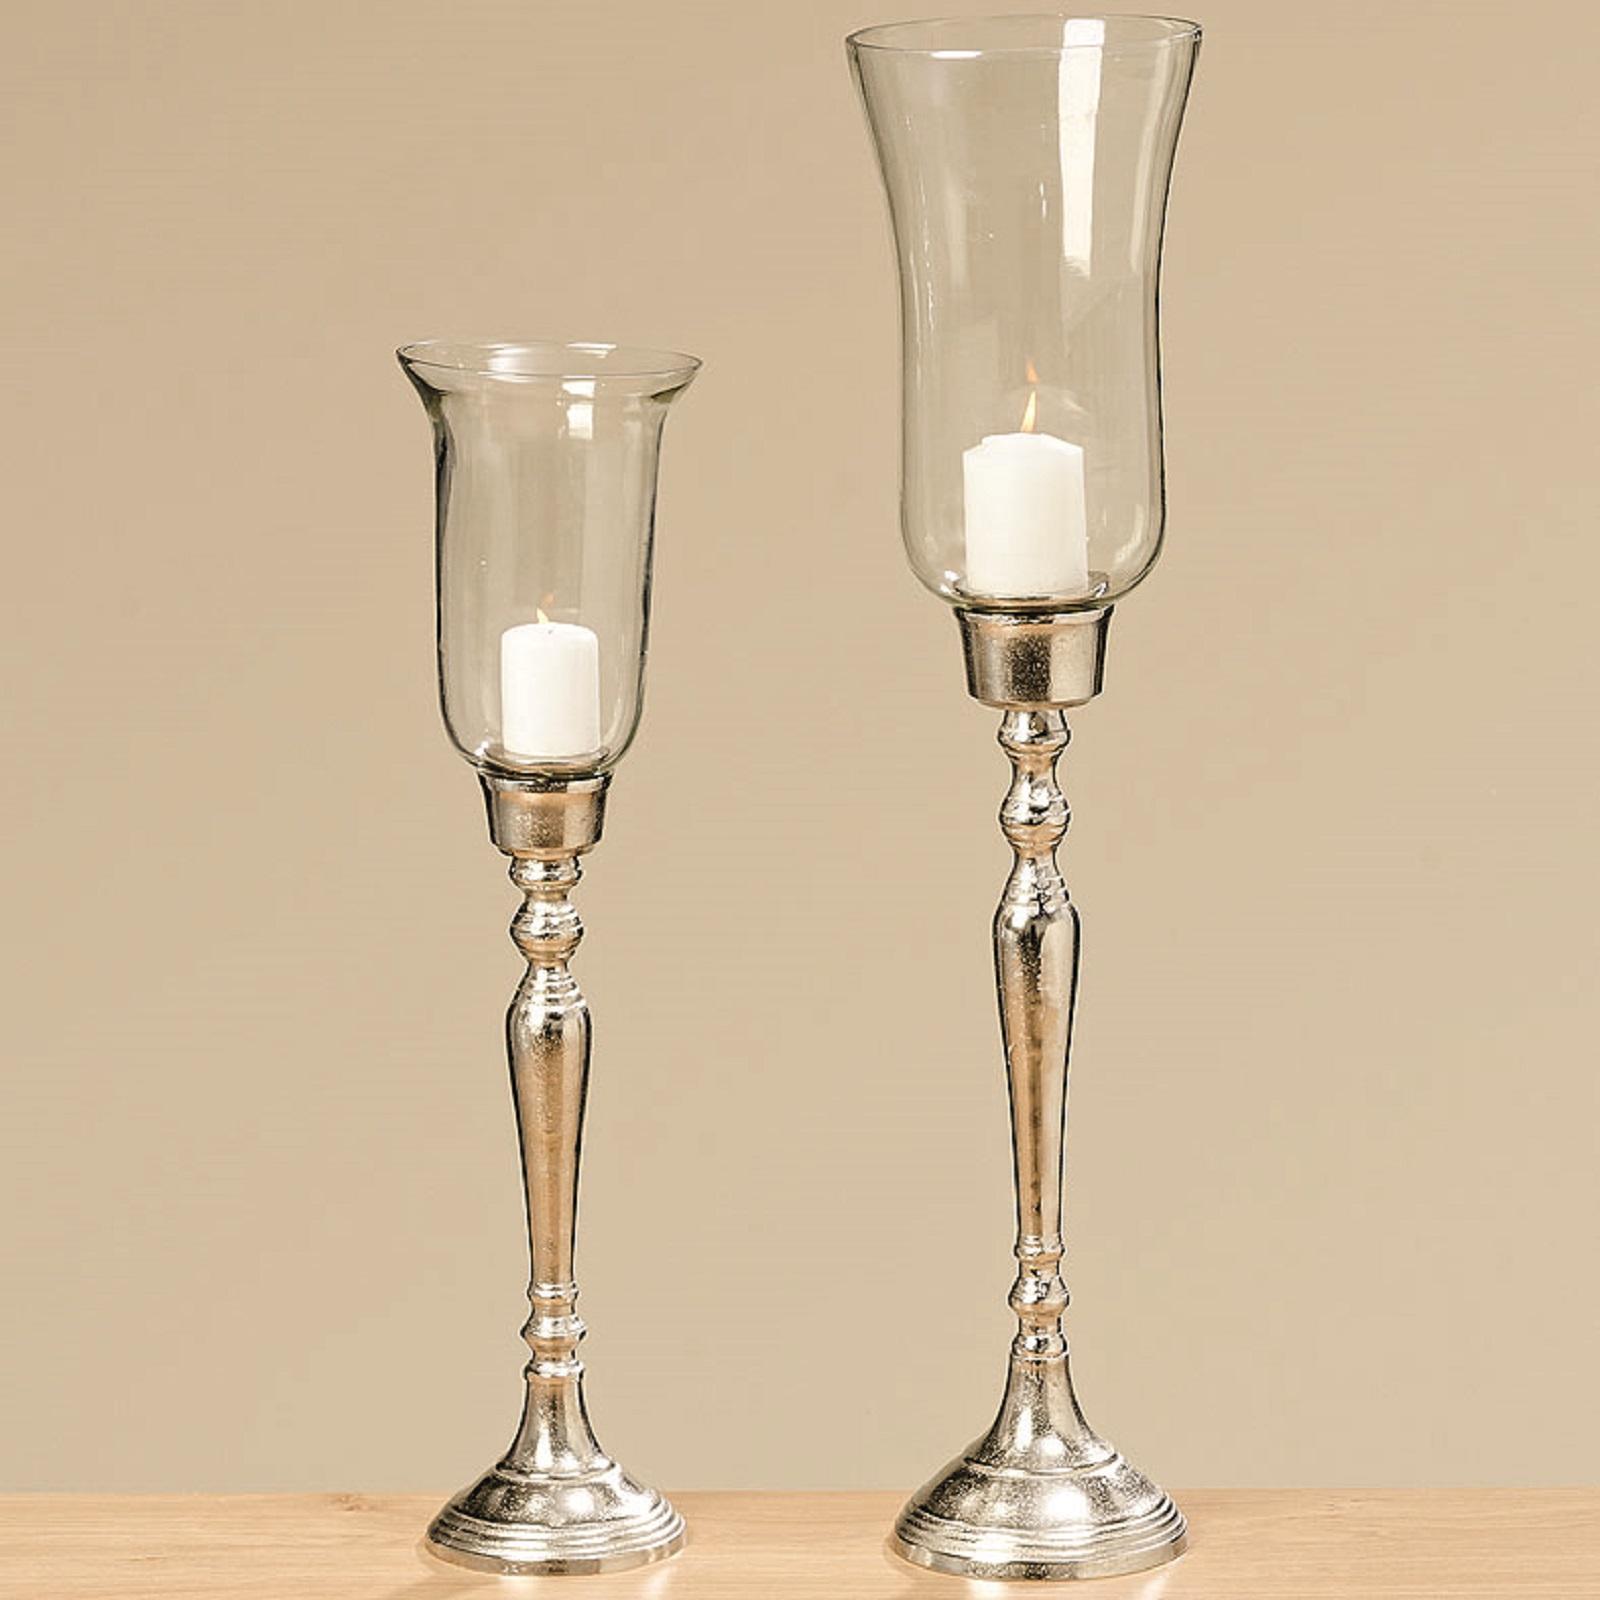 Windlicht Pokal aus Glas und Metall H 61 cm